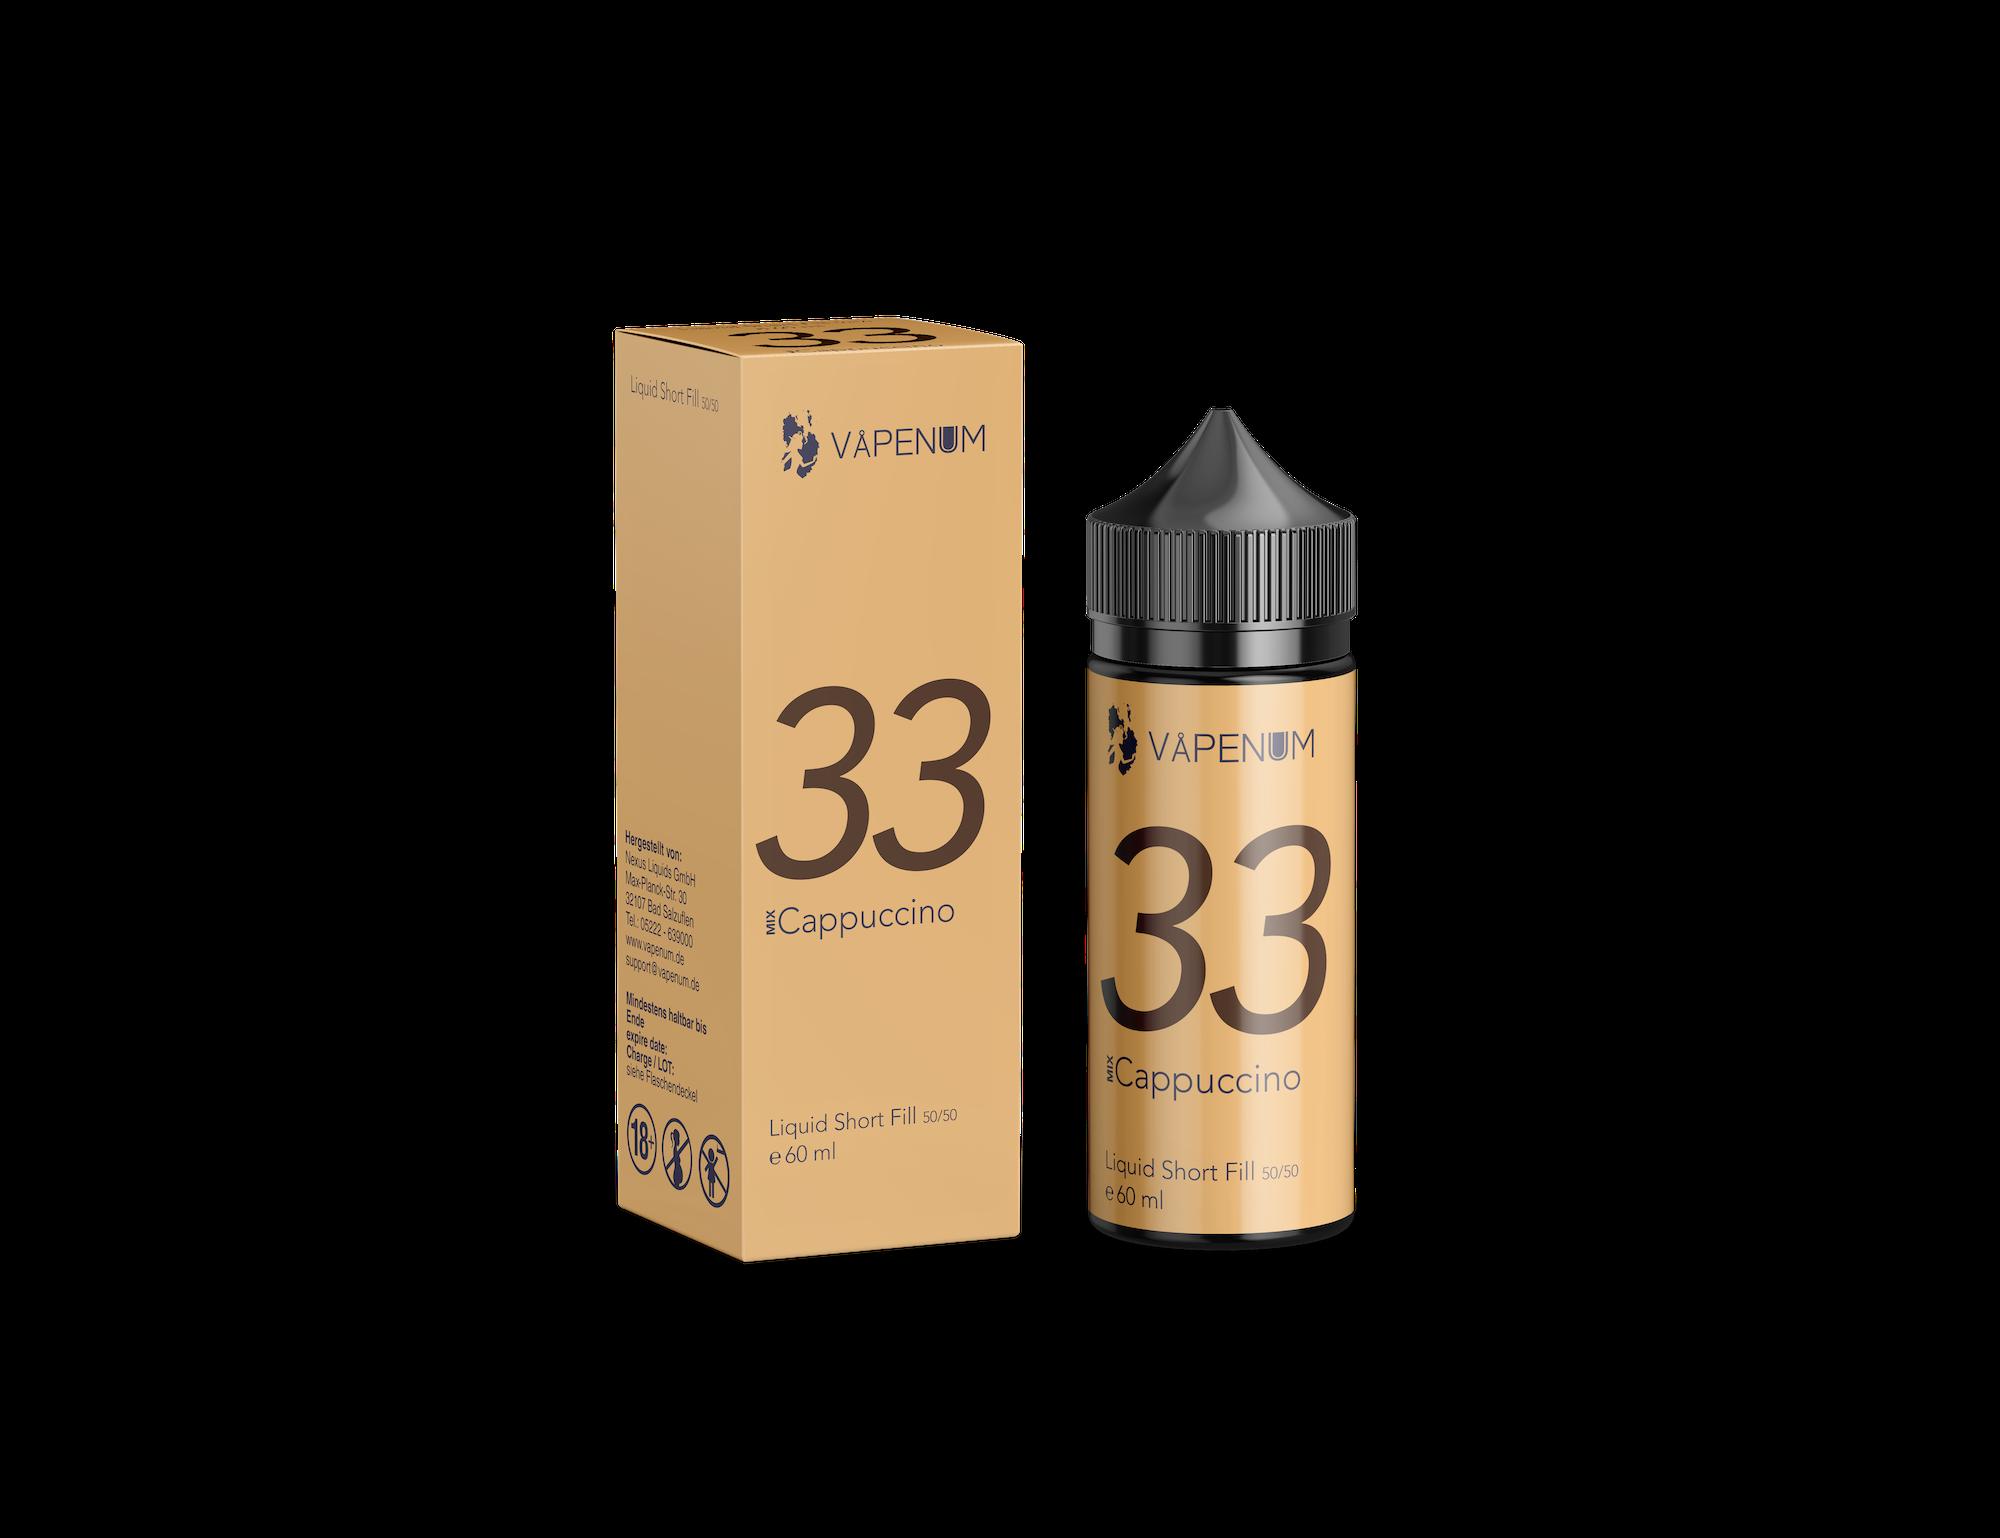 Vapenum Shortfill Mix 33 Cappuccino